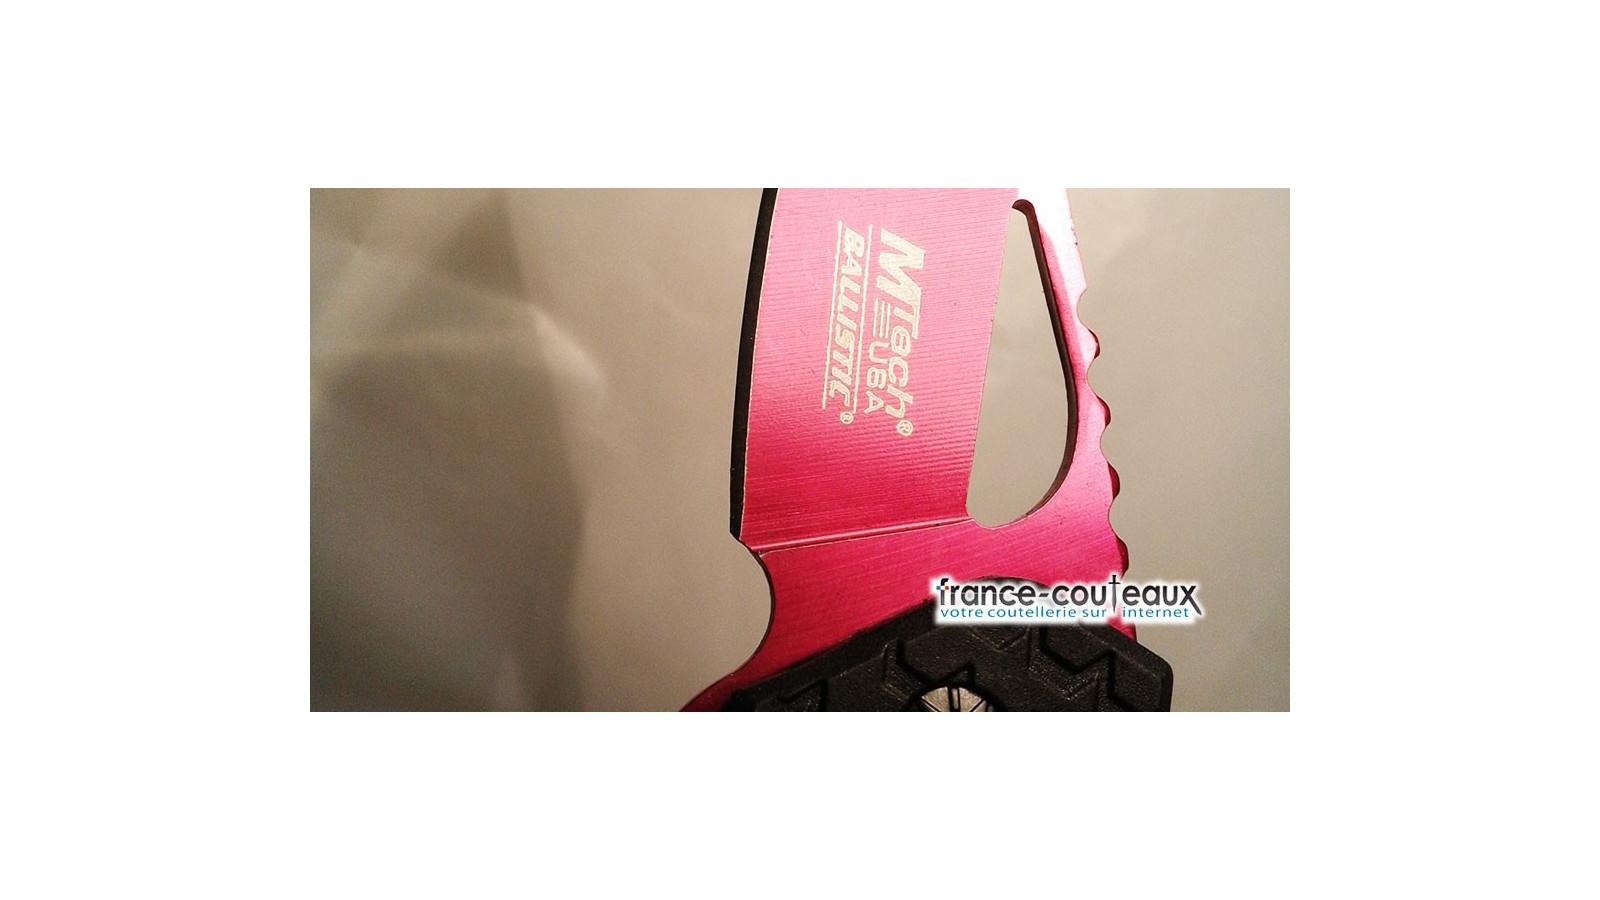 Lampe frontale Fenix HP 15